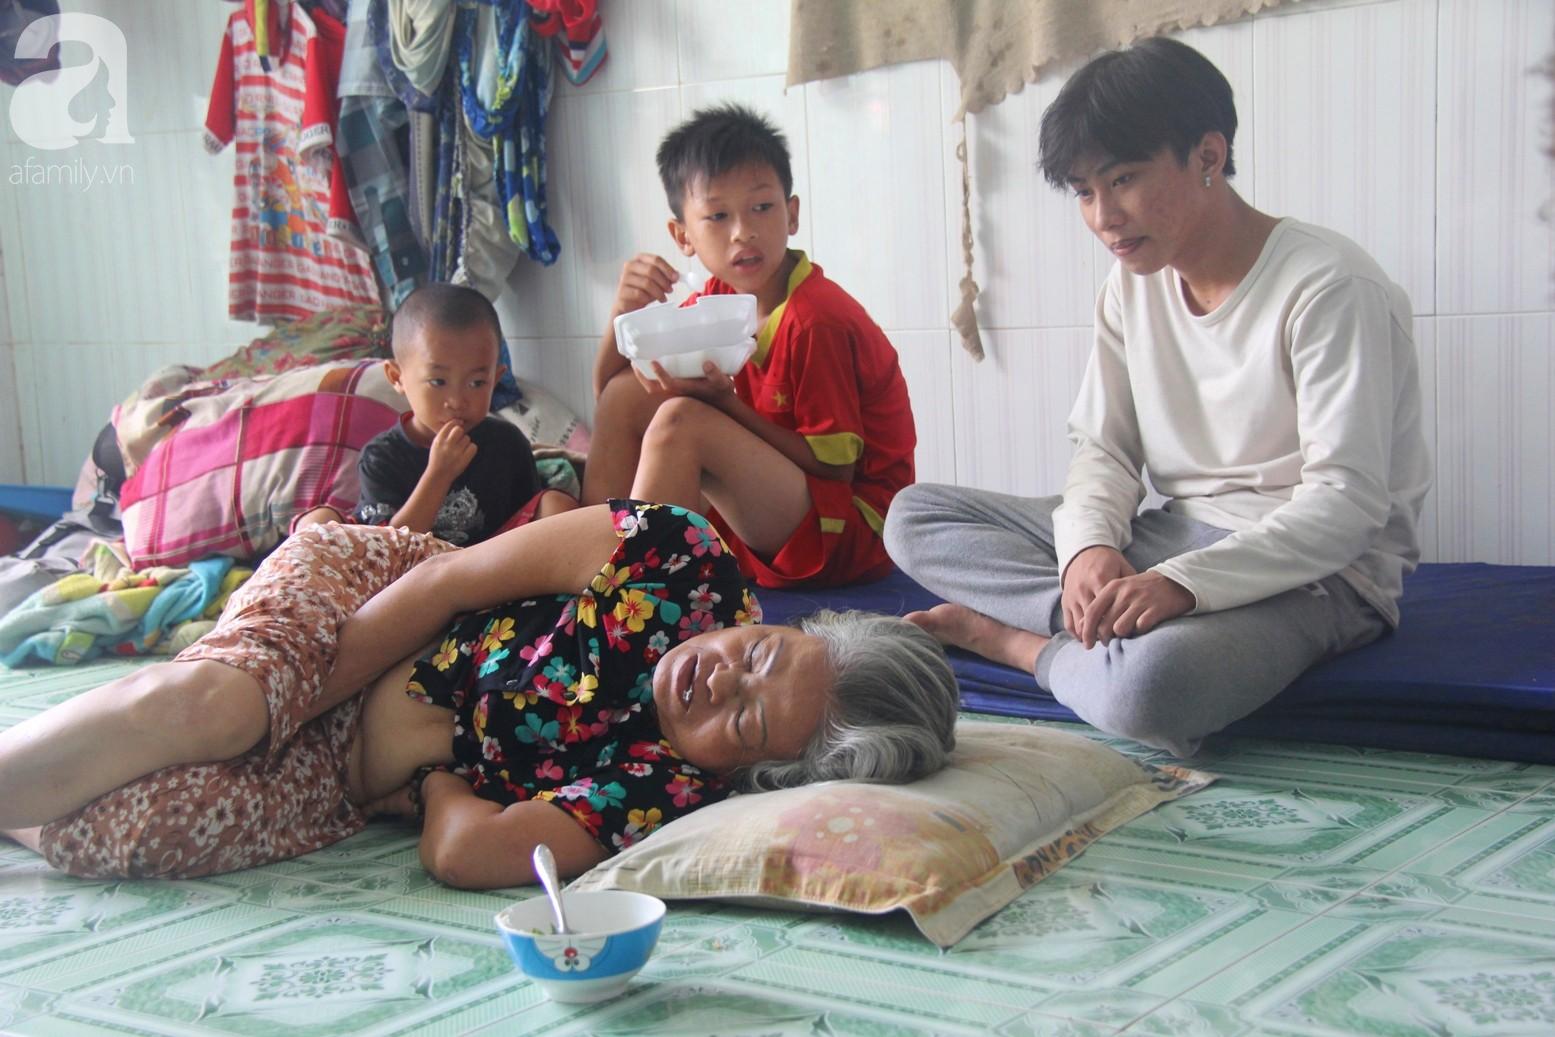 Phép màu đến với 8 đứa trẻ sống nheo nhóc bên bà ngoại già bại liệt: Tụi con ăn cơm với cá thịt và sắp được đến trường - Ảnh 2.